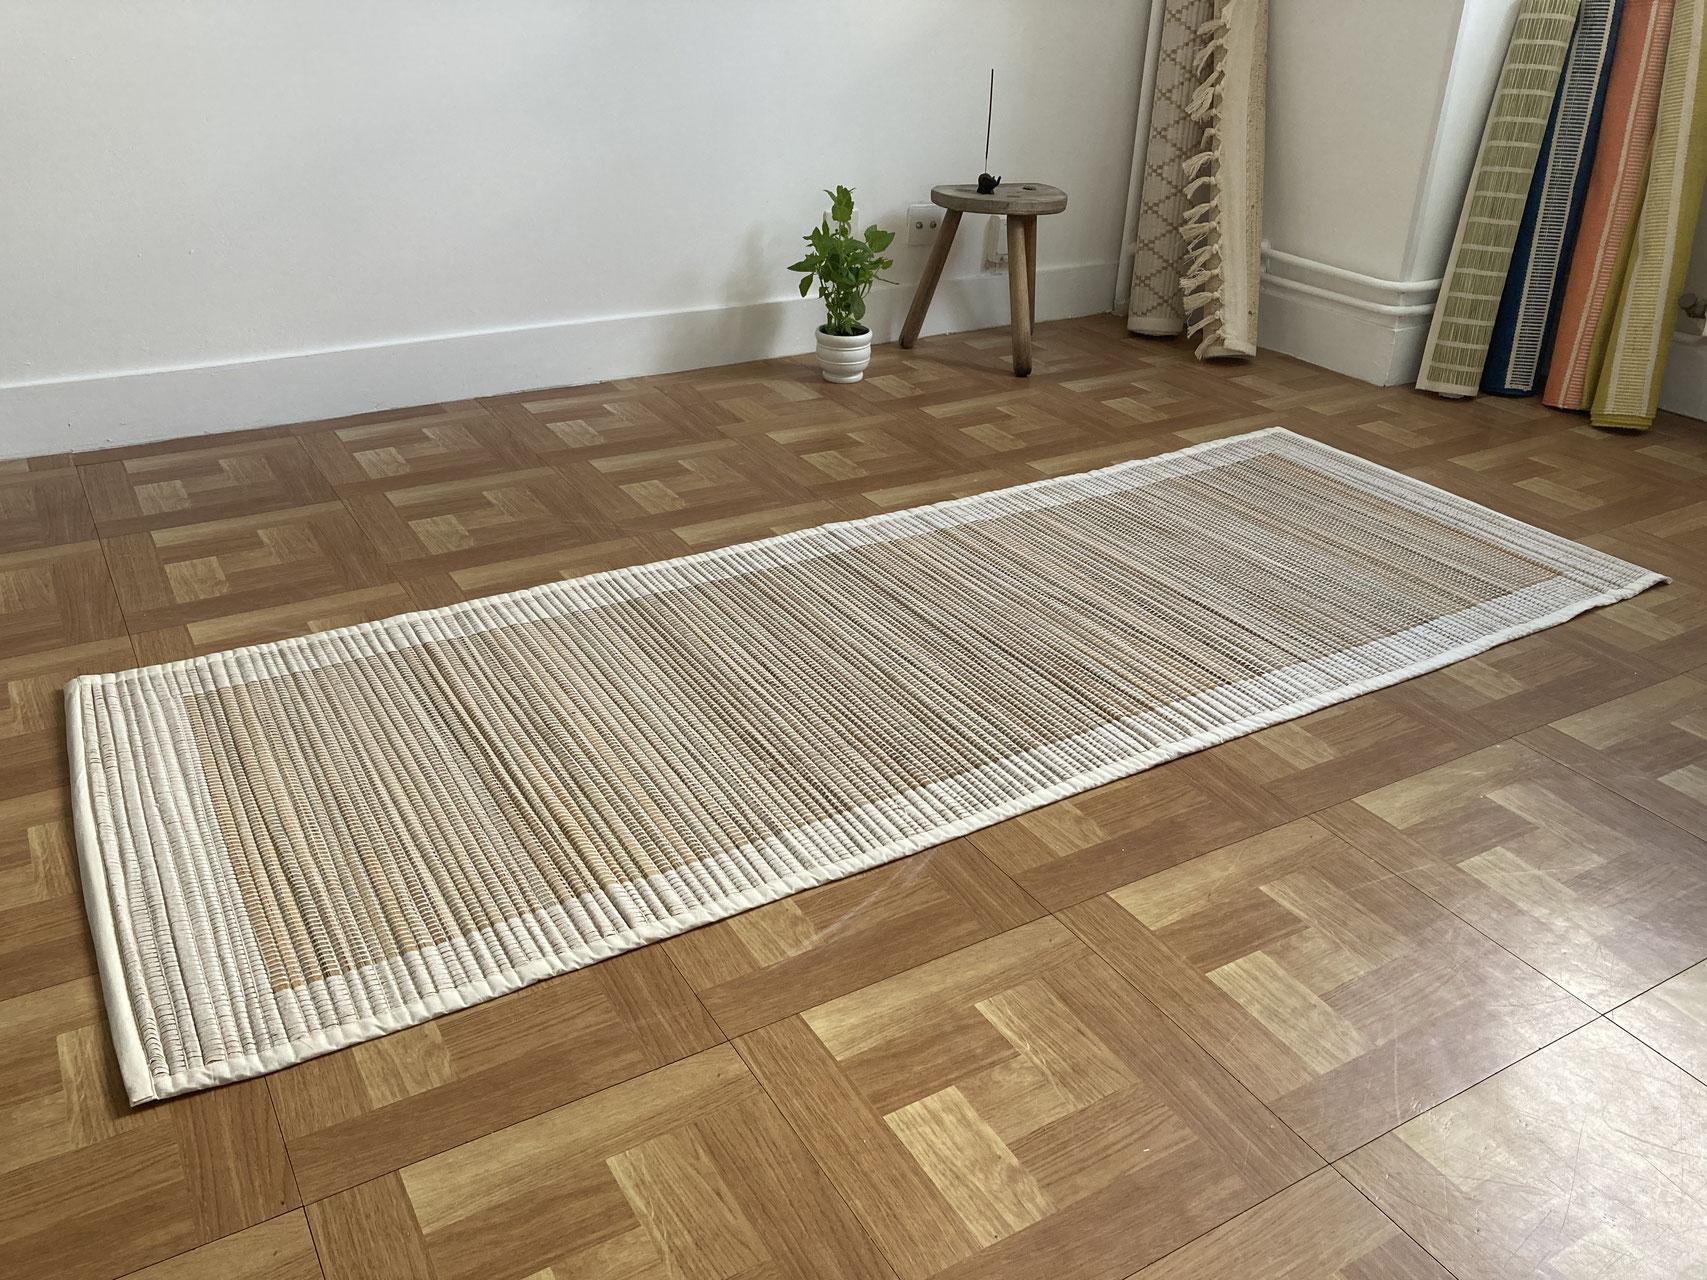 acheter des tapis de yoga certifie bio tisses main naturels et biodegradable tours 37000